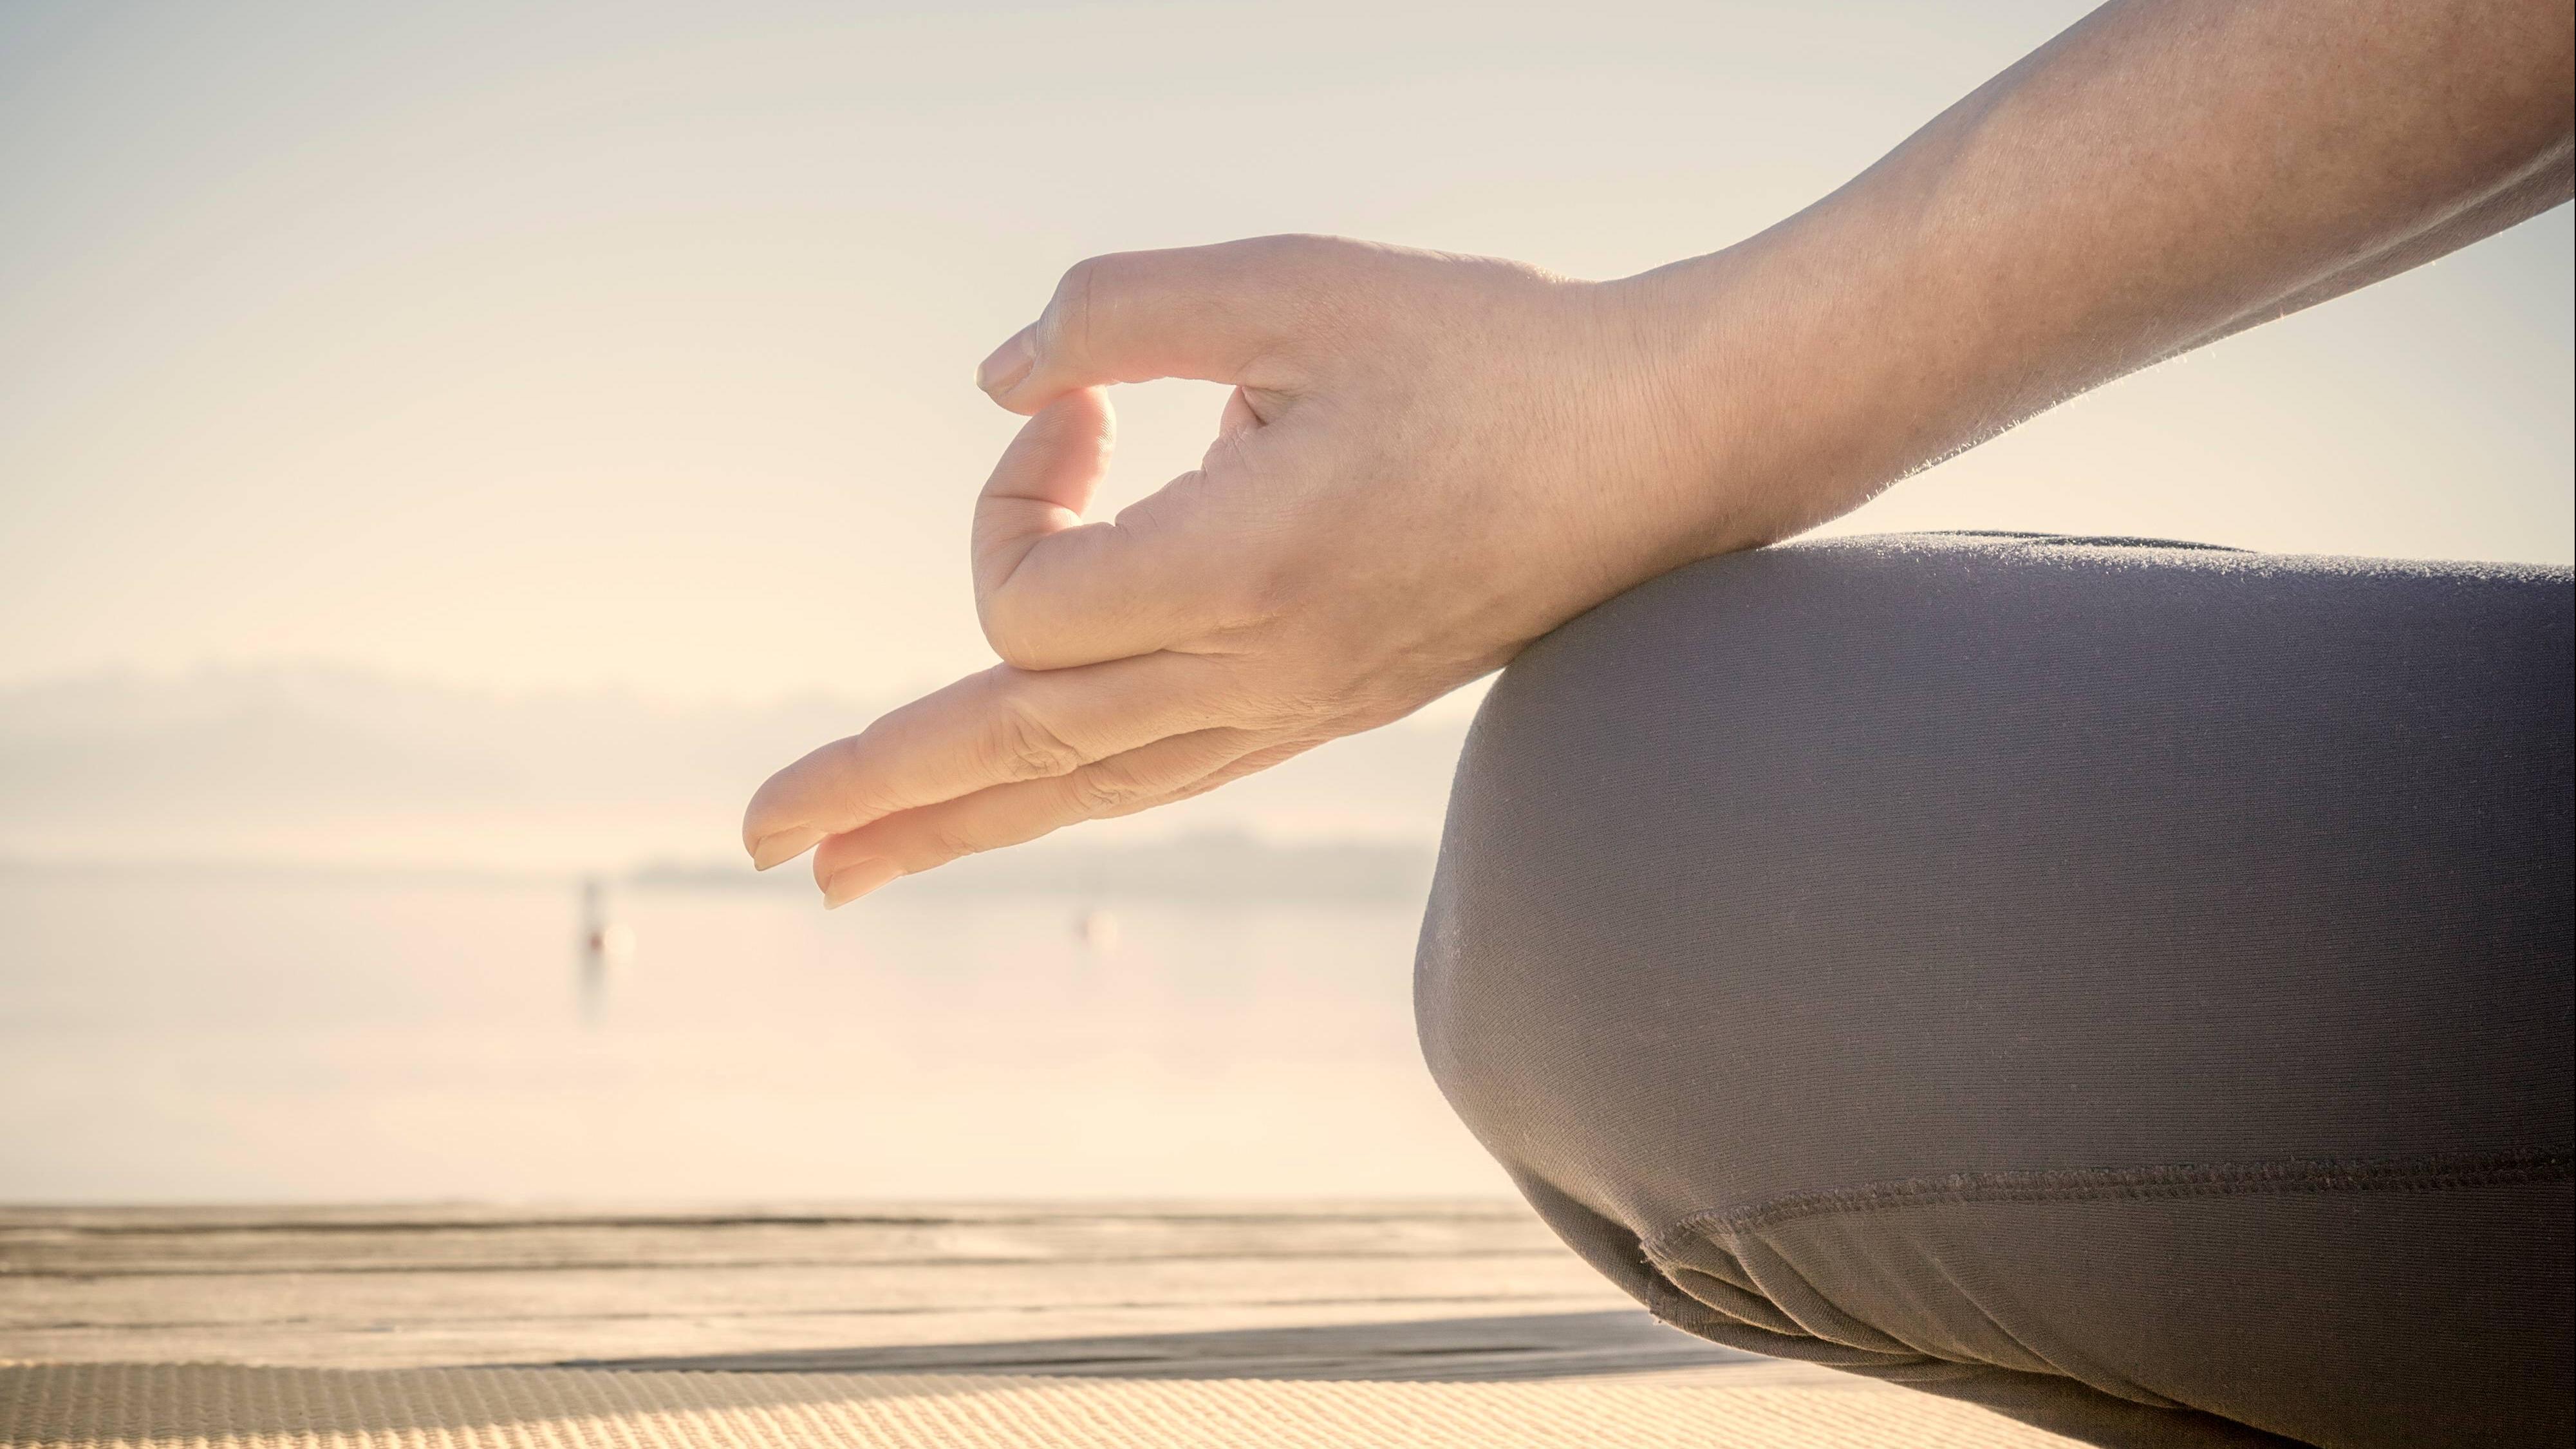 Transzendentale Meditation lernen: Das sollten Sie wissen